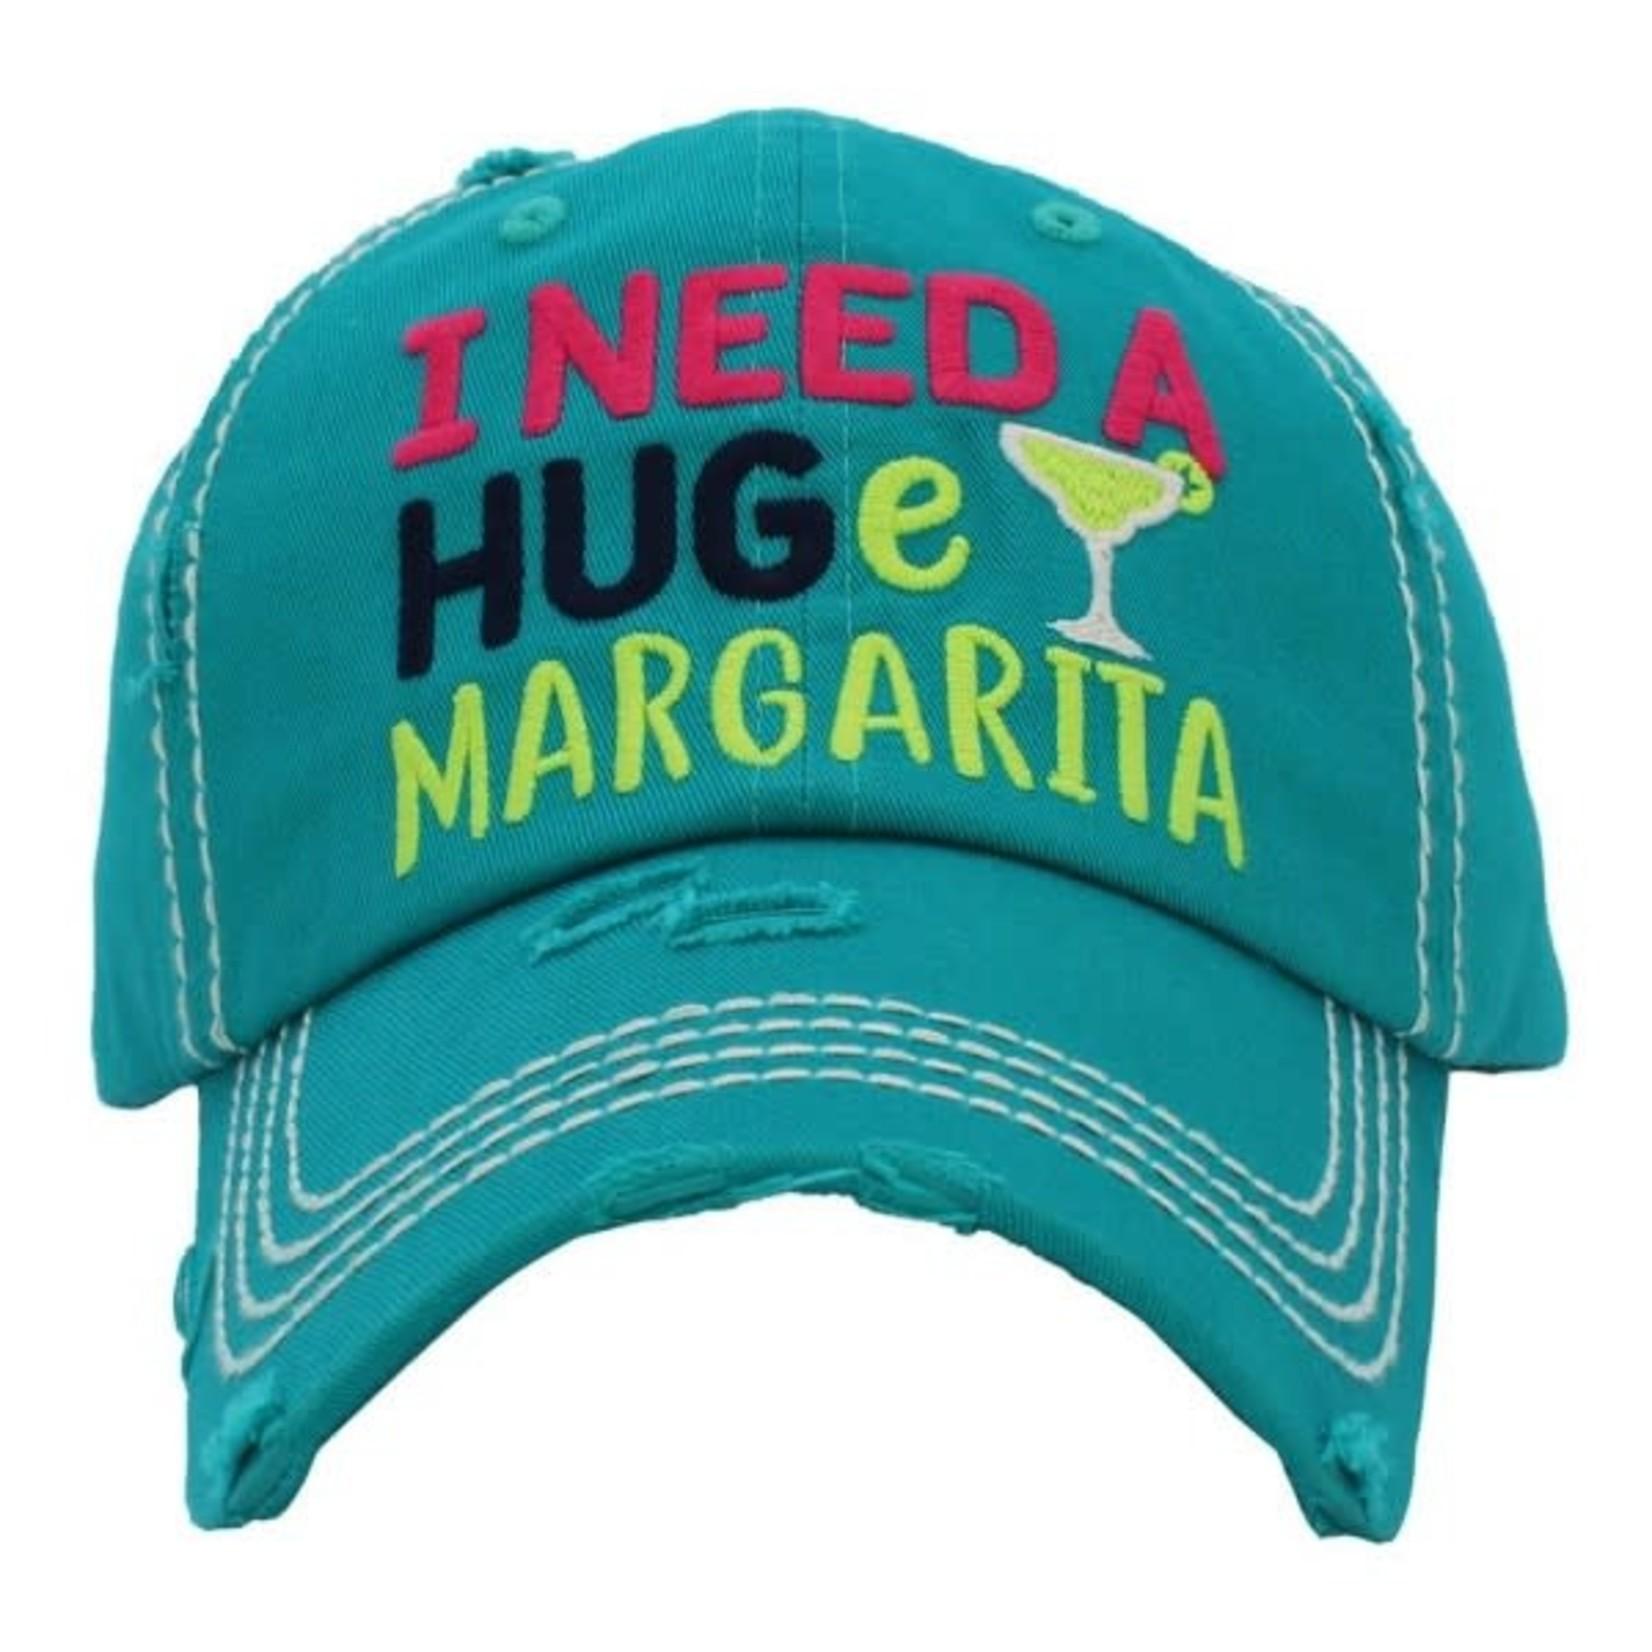 Turquoise Margarita Cap